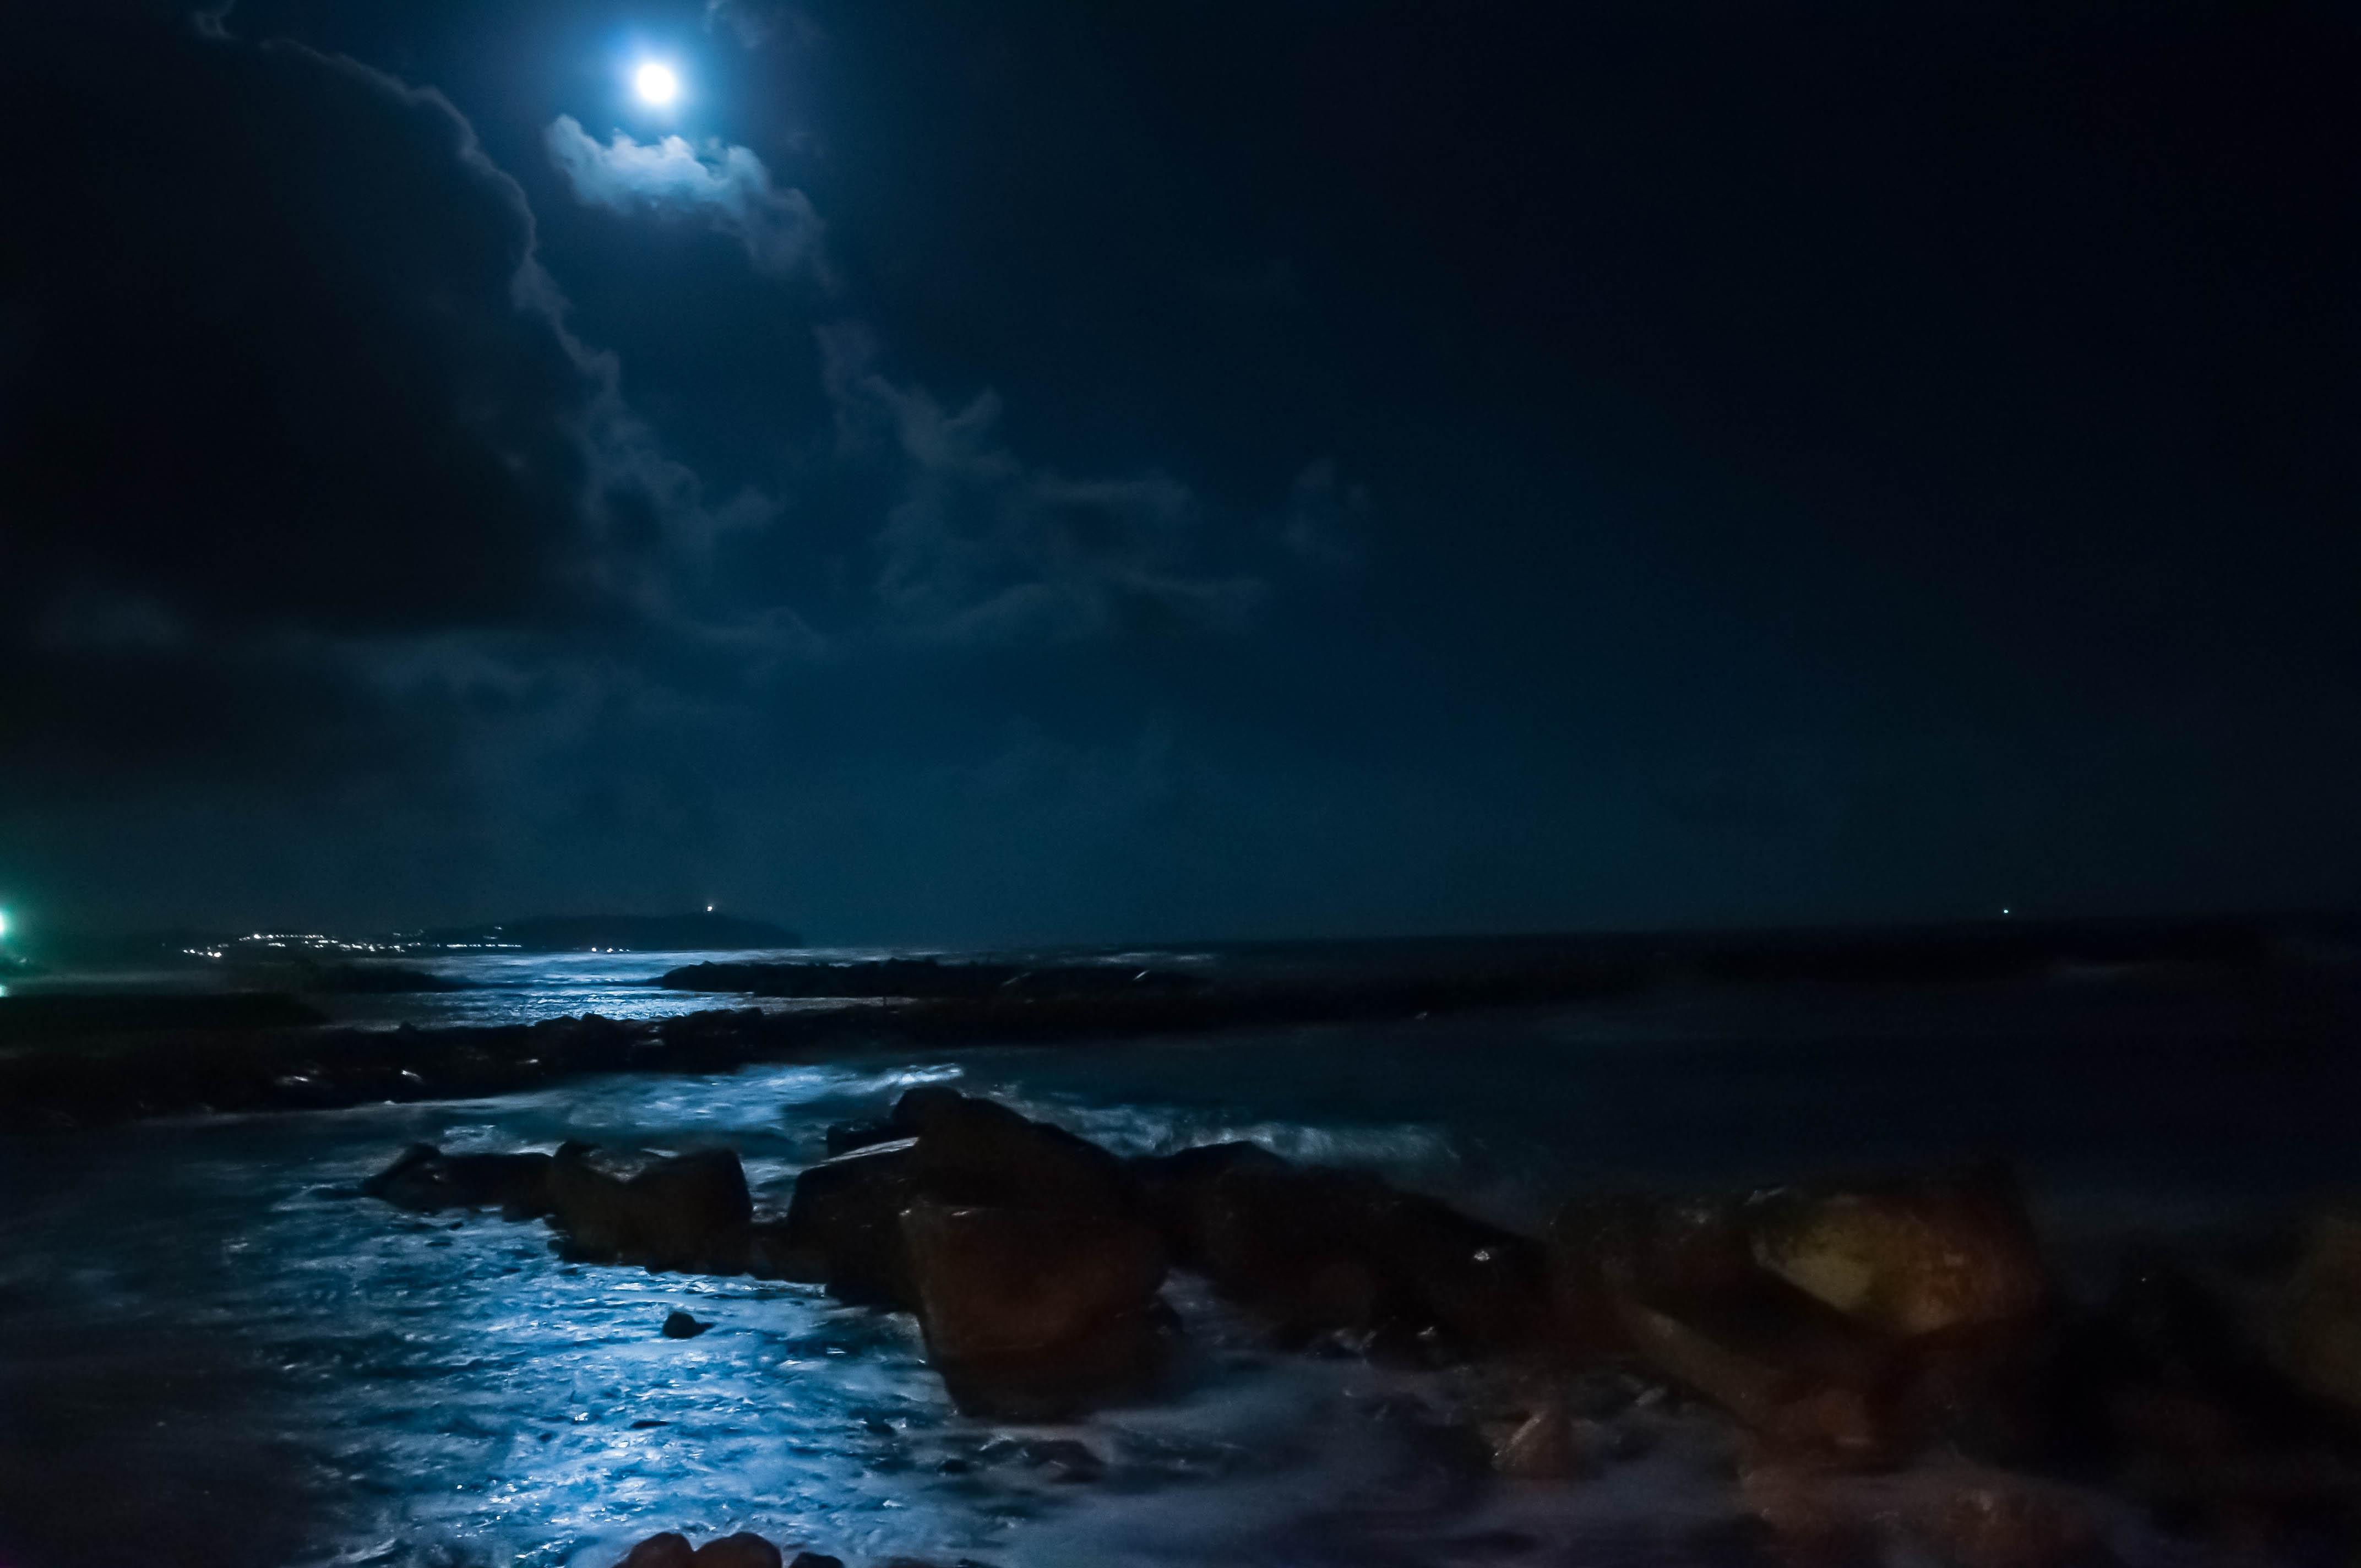 Flickr - Notte di tempesta